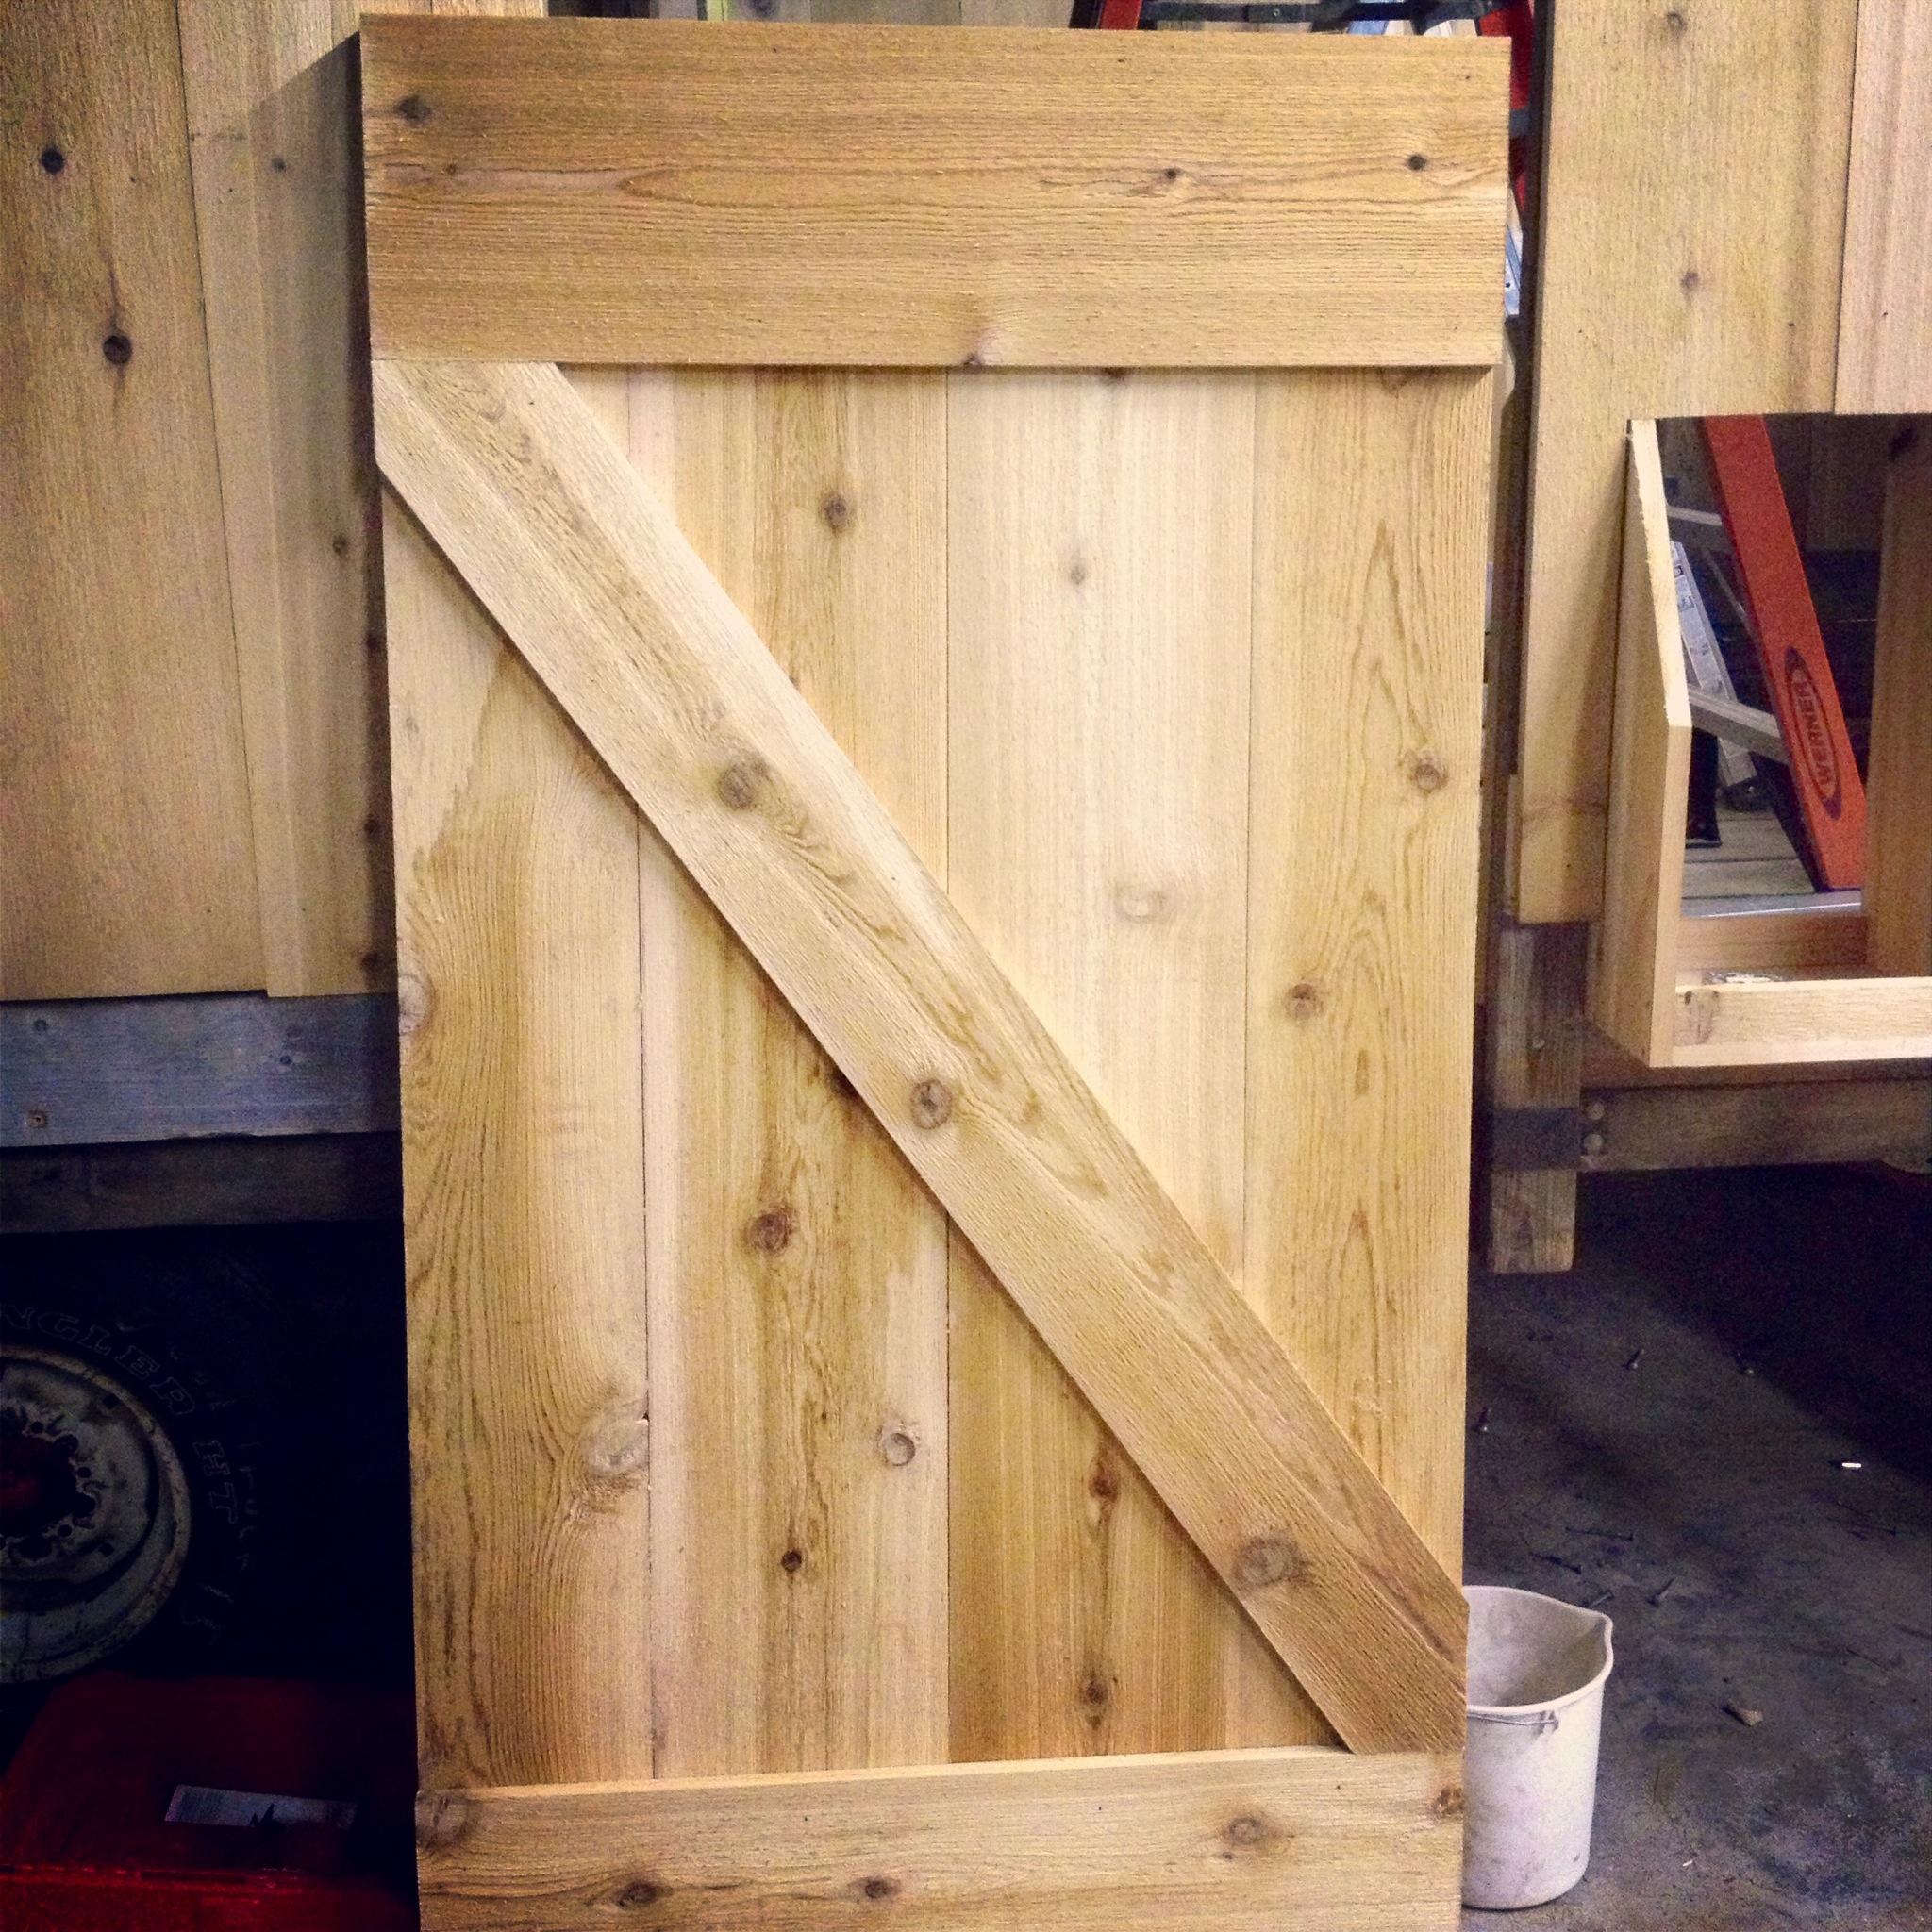 Building a sliding barn door mauledbydesign for Sliding barn door construction plans